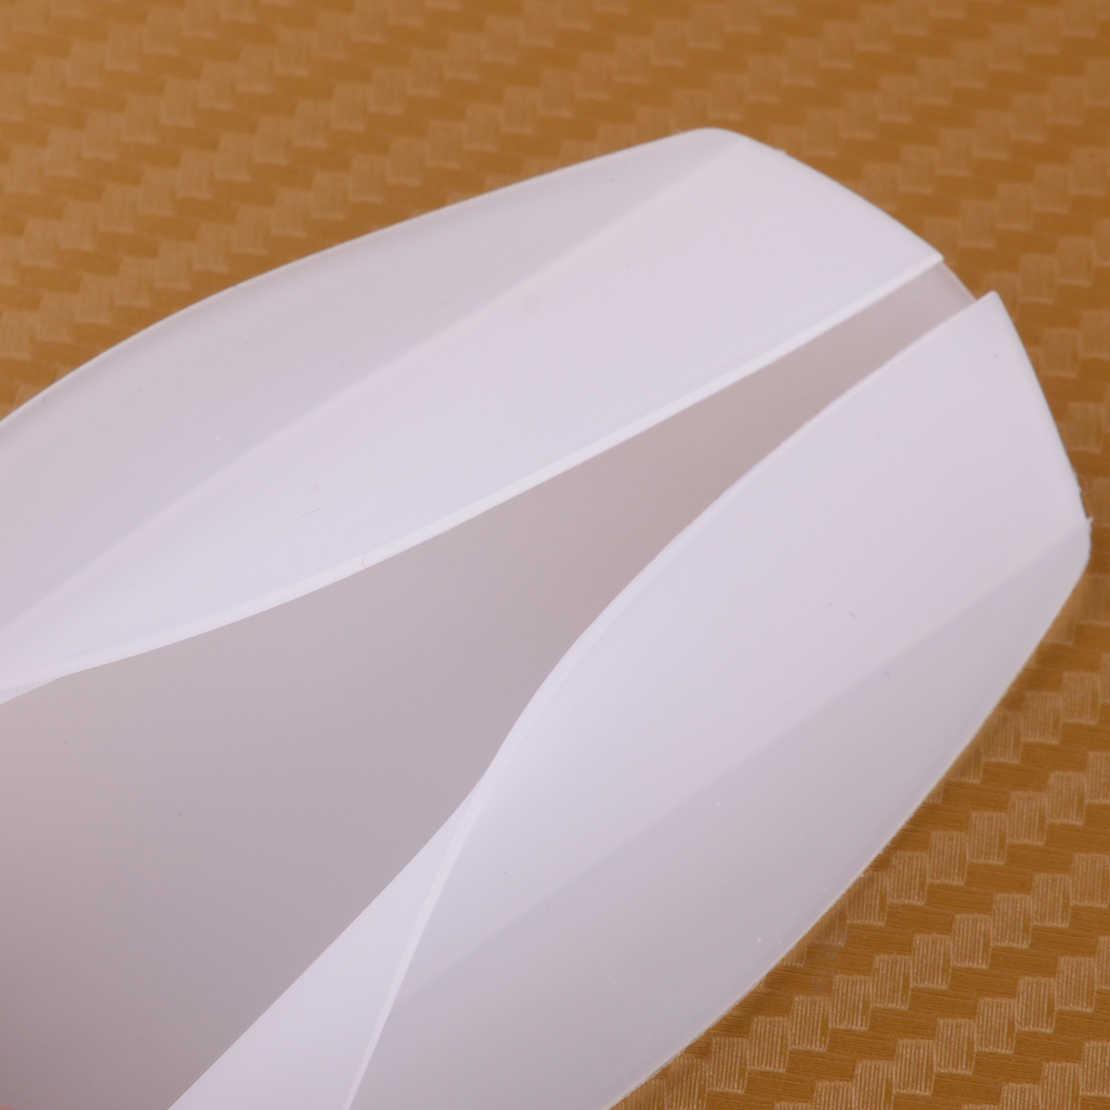 1 זוג 2 pcs סיליקון כרית כתף חזיית רצועה מחזיק כריות החלקה כתף רפידות כאב הקלה עבור אישה